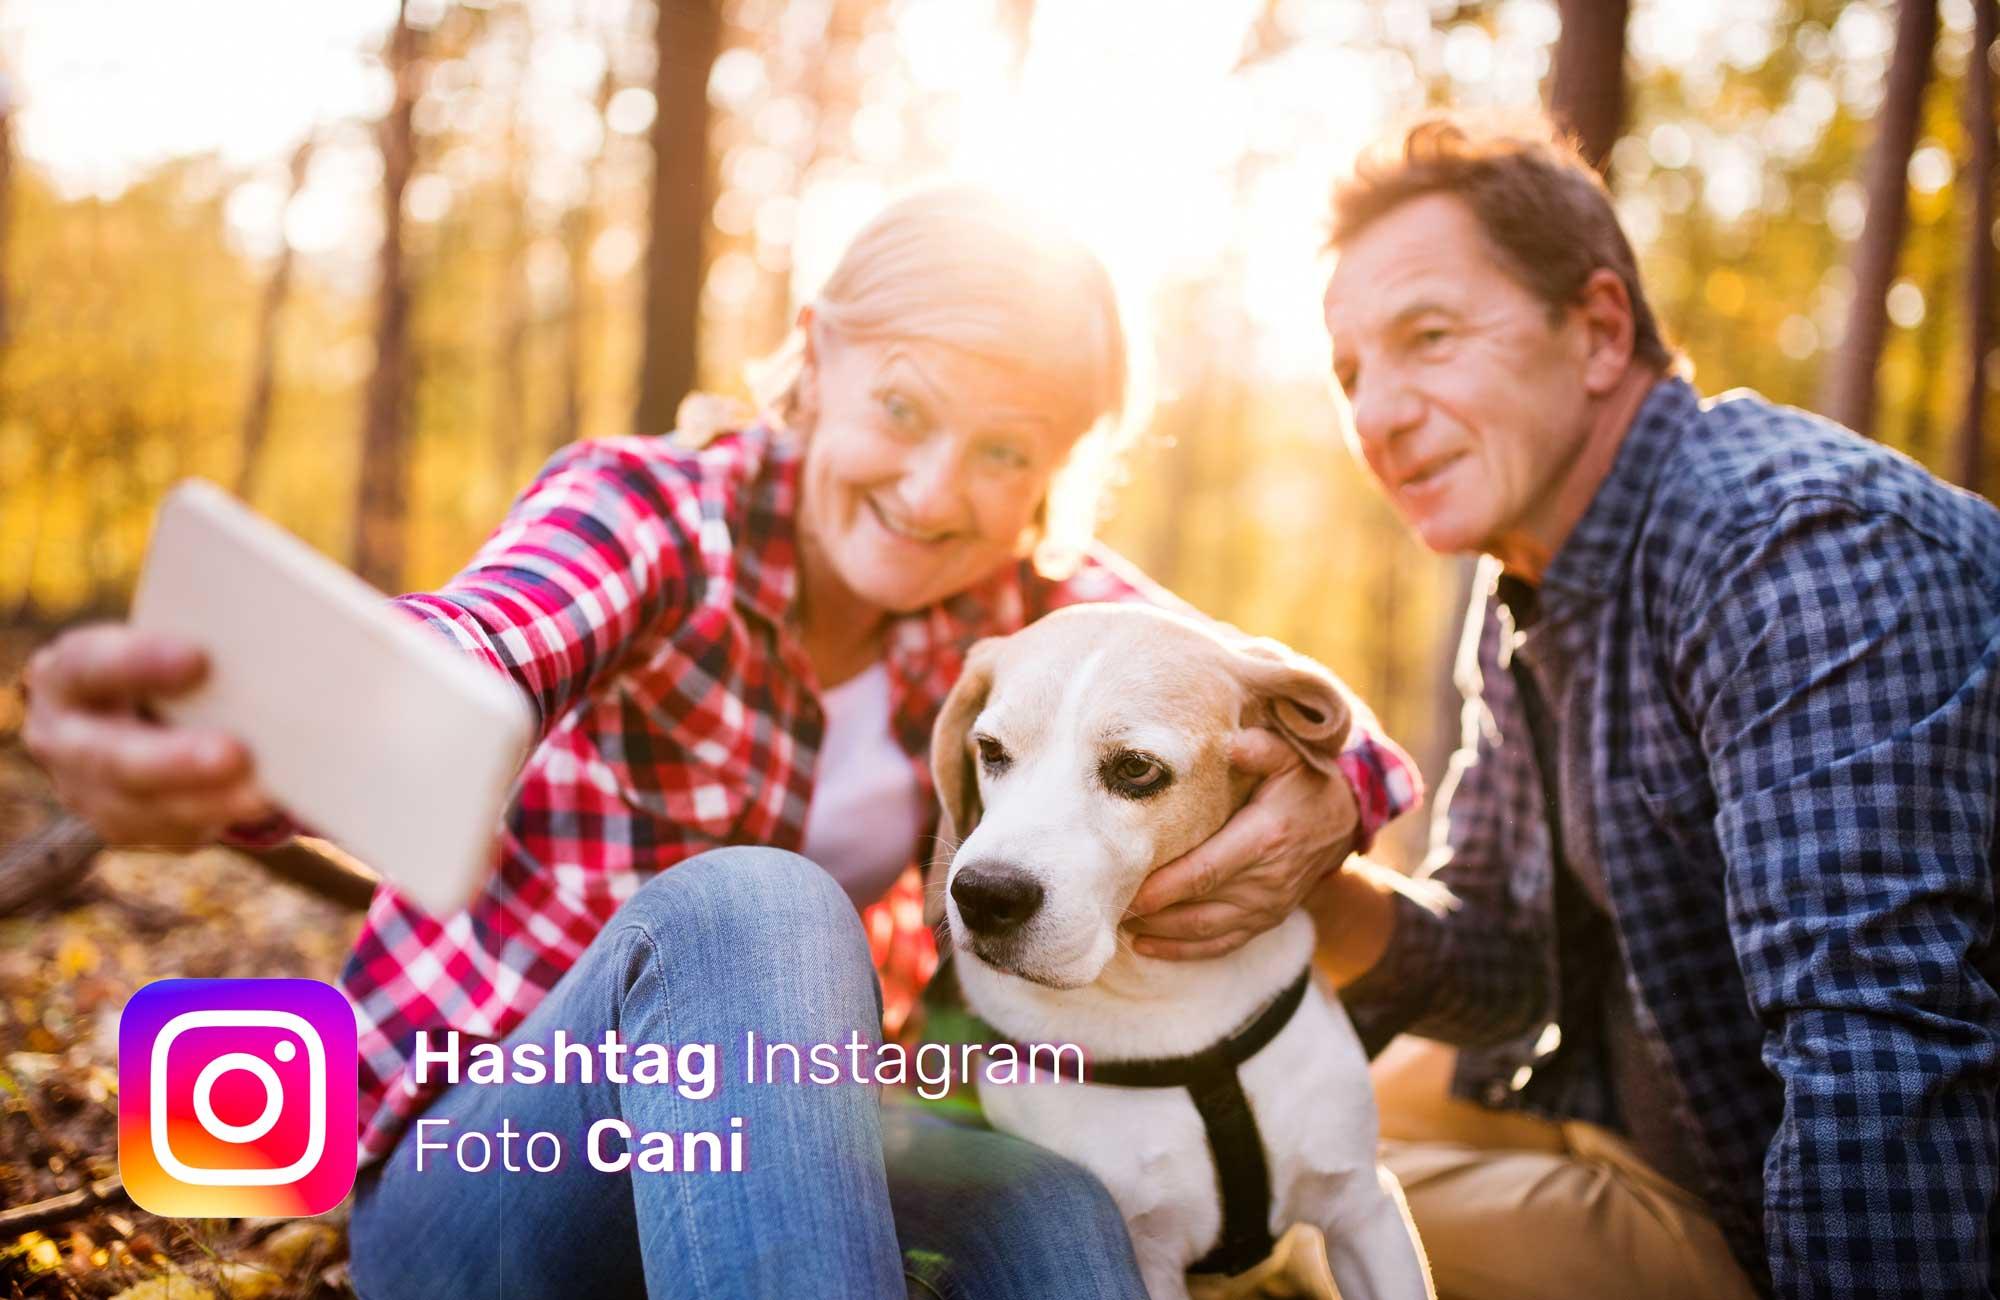 hashtag-per-foto-cani-su-Instagram